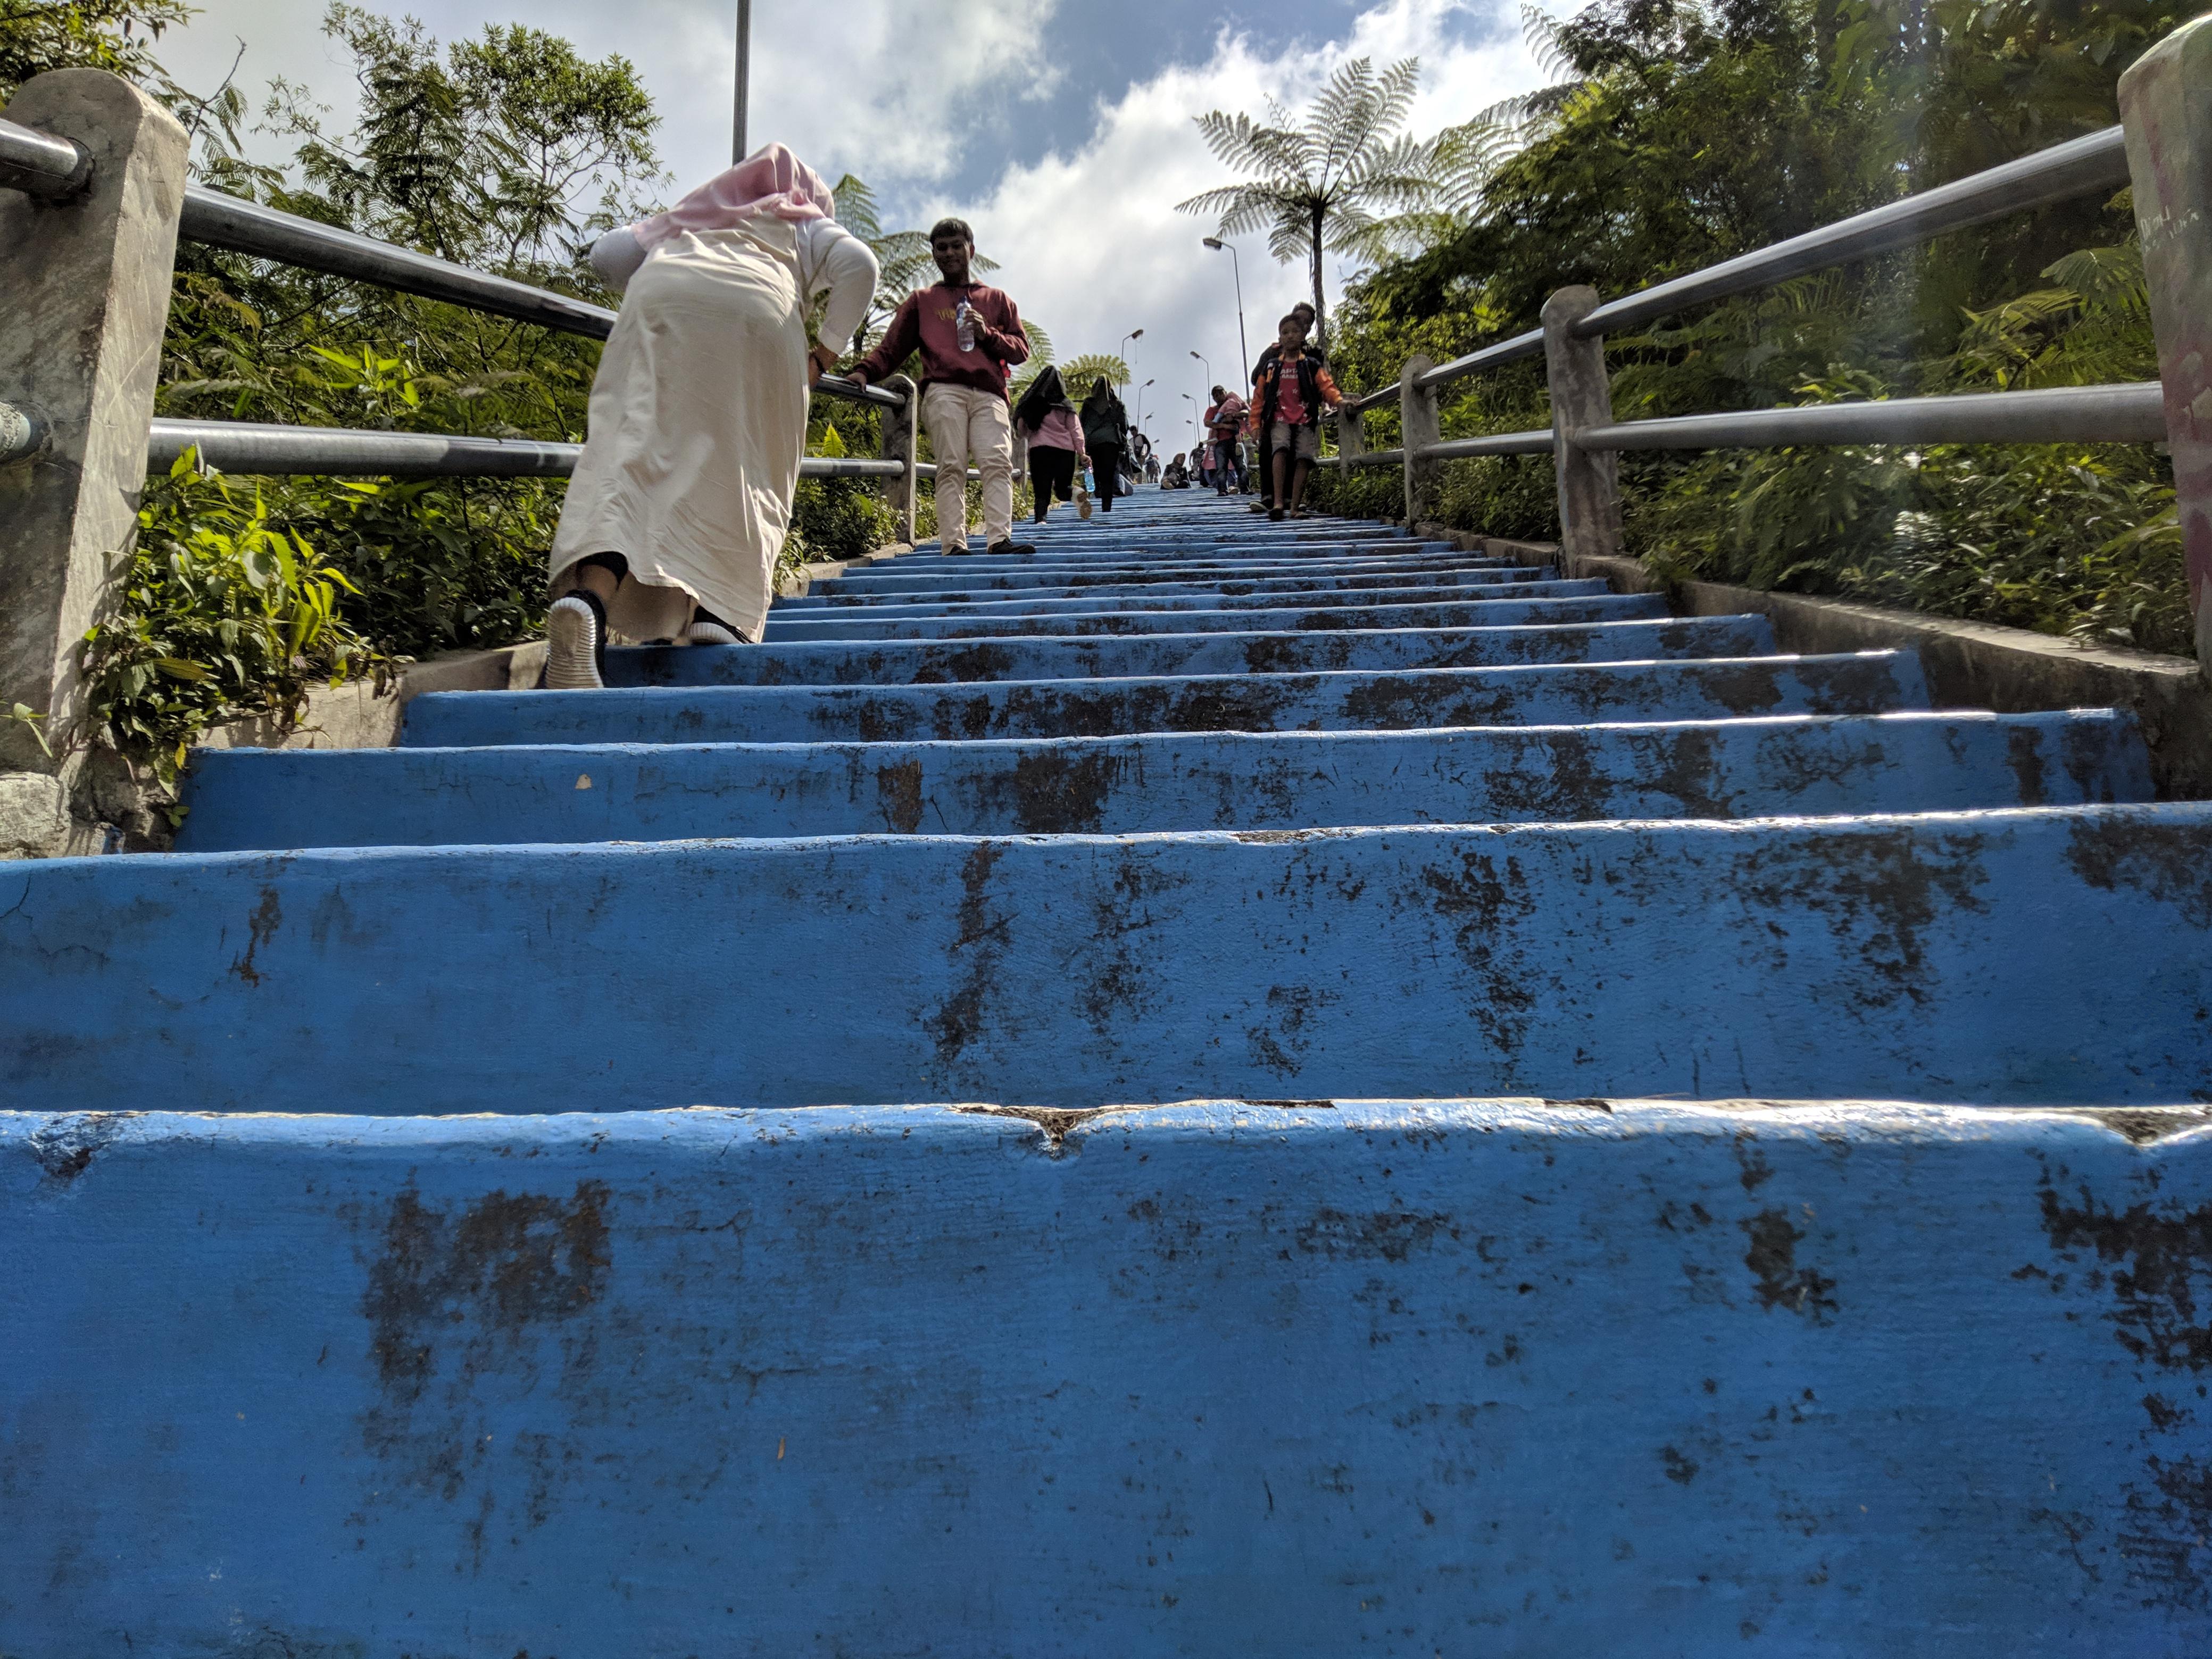 tangga biru galunggung